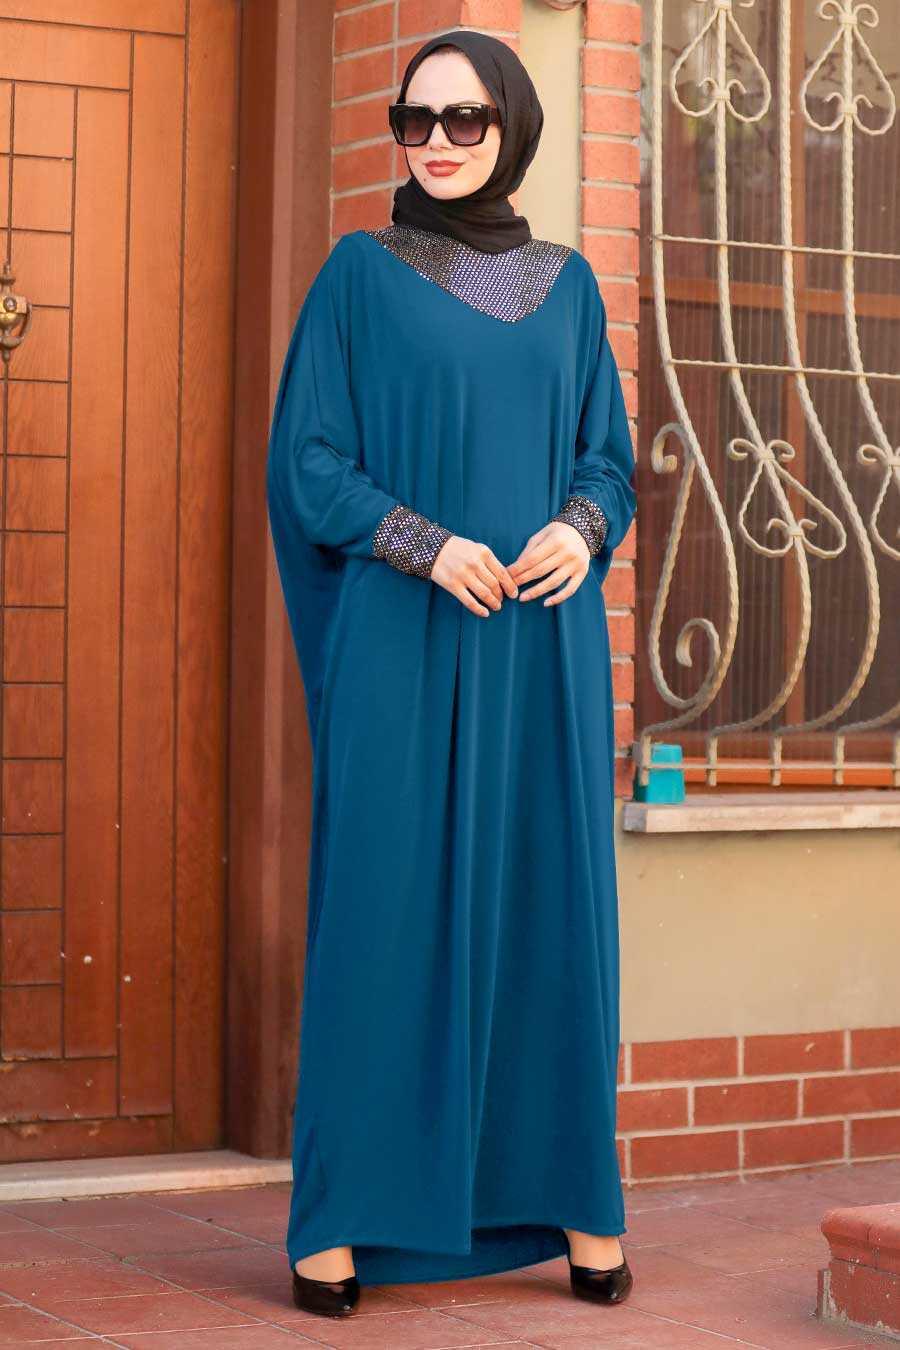 Petrol Blue Hijab Dress 10560PM